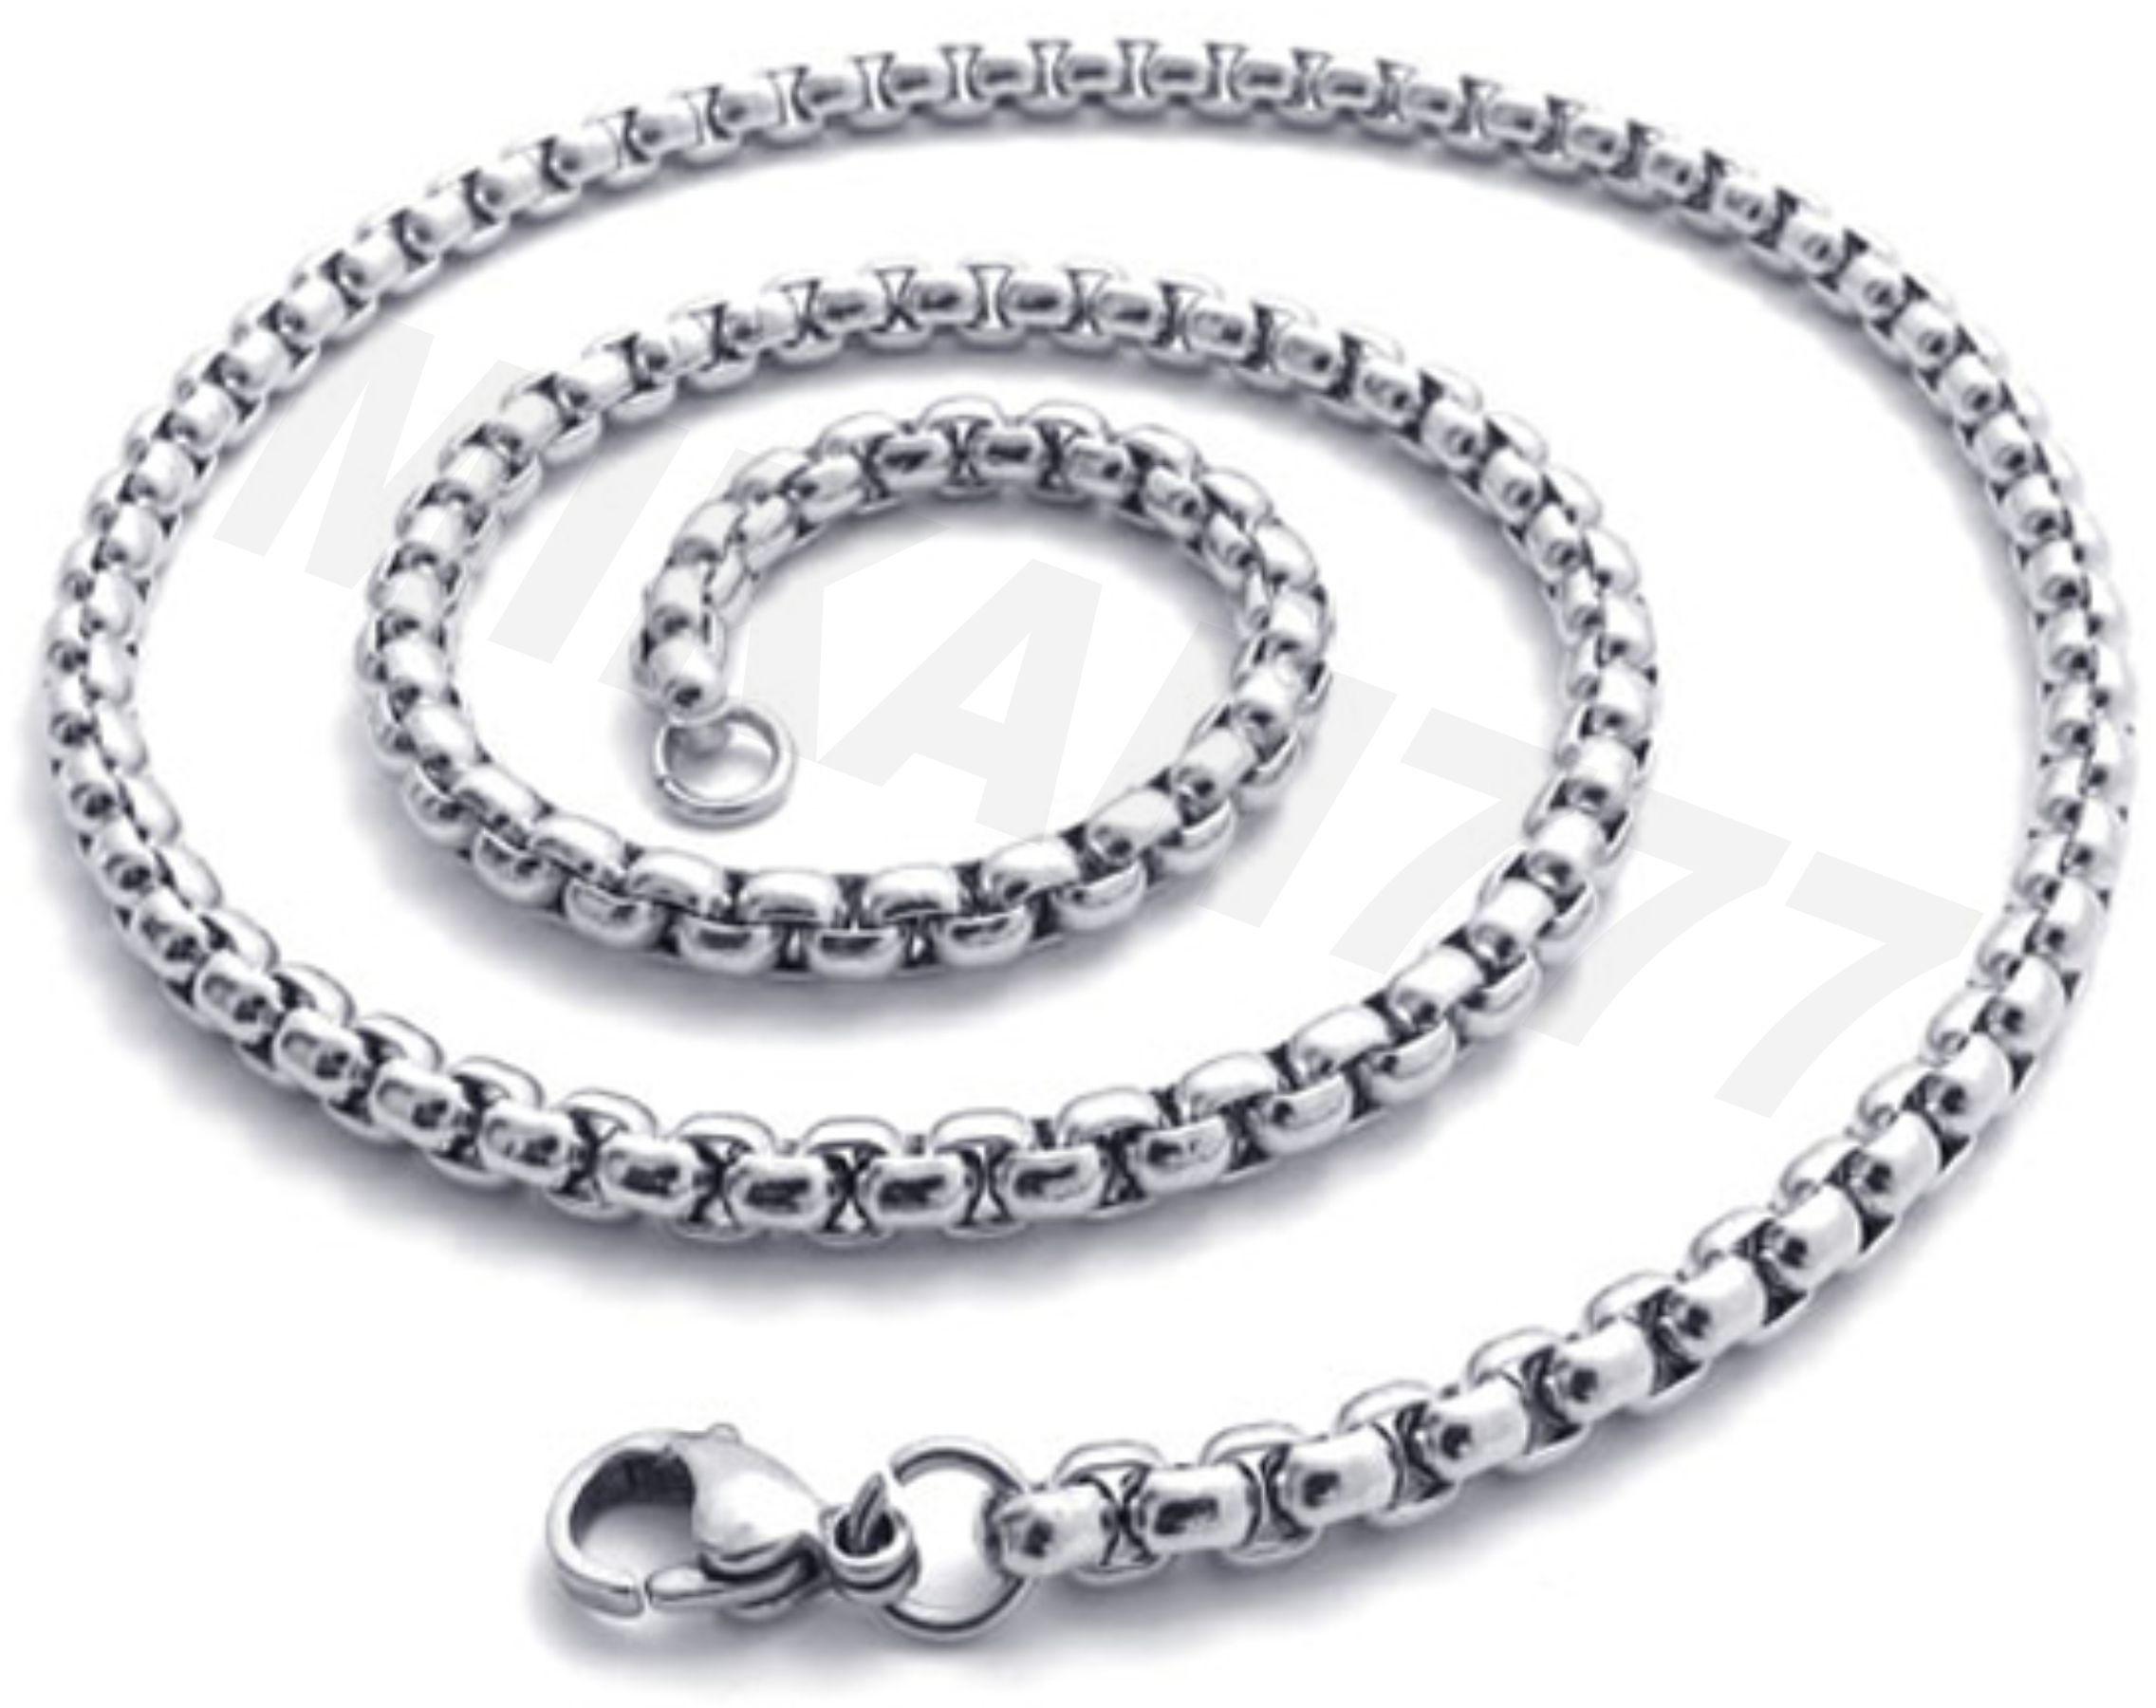 Corrente   Cordão em Aço Inox   Modelo  Veneziana Grossa.   Silver ... 9951fe3e61